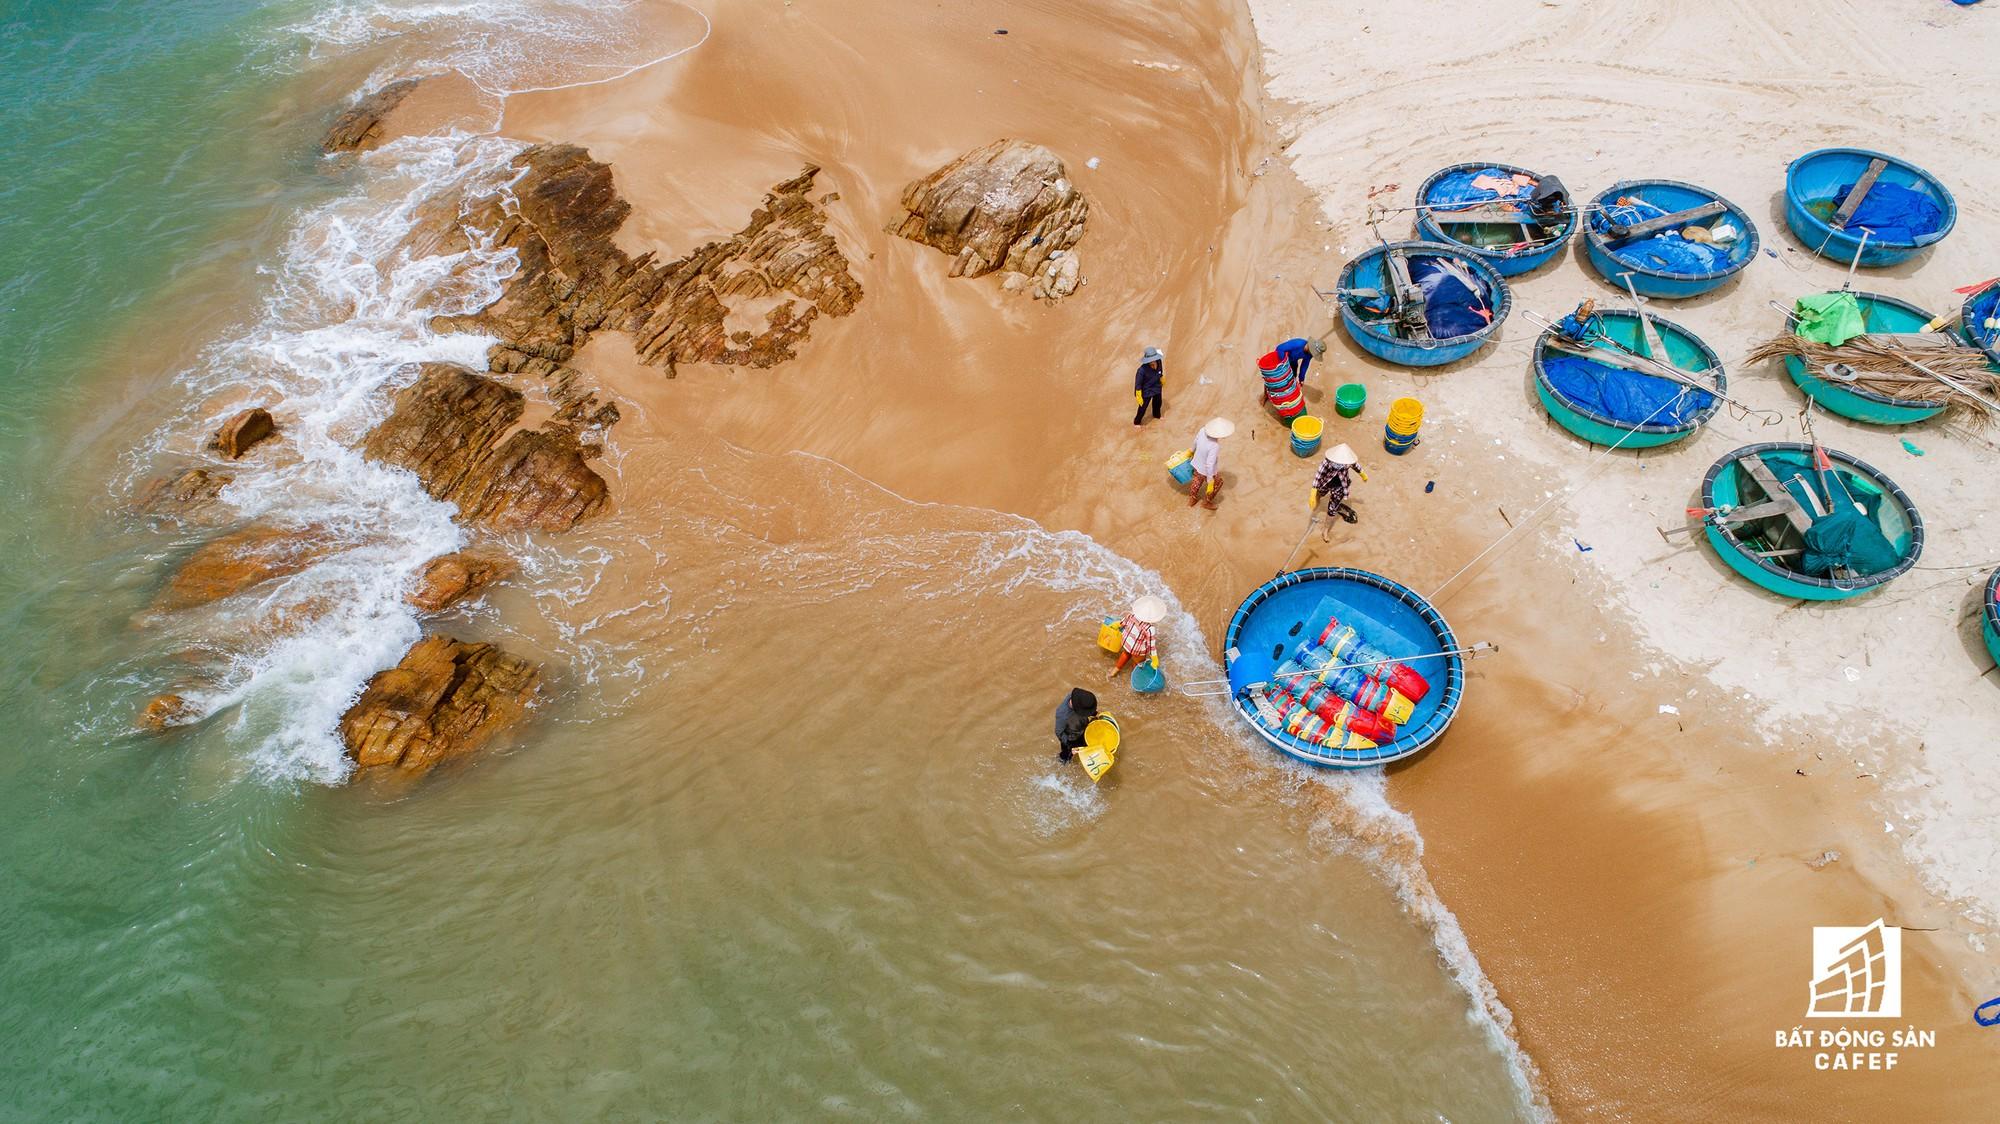 Quy hoạch thành khu du lịch quốc gia, dải ven biển này đang đón dòng vốn hàng tỷ USD, giá đất tăng chóng mặt - Ảnh 13.